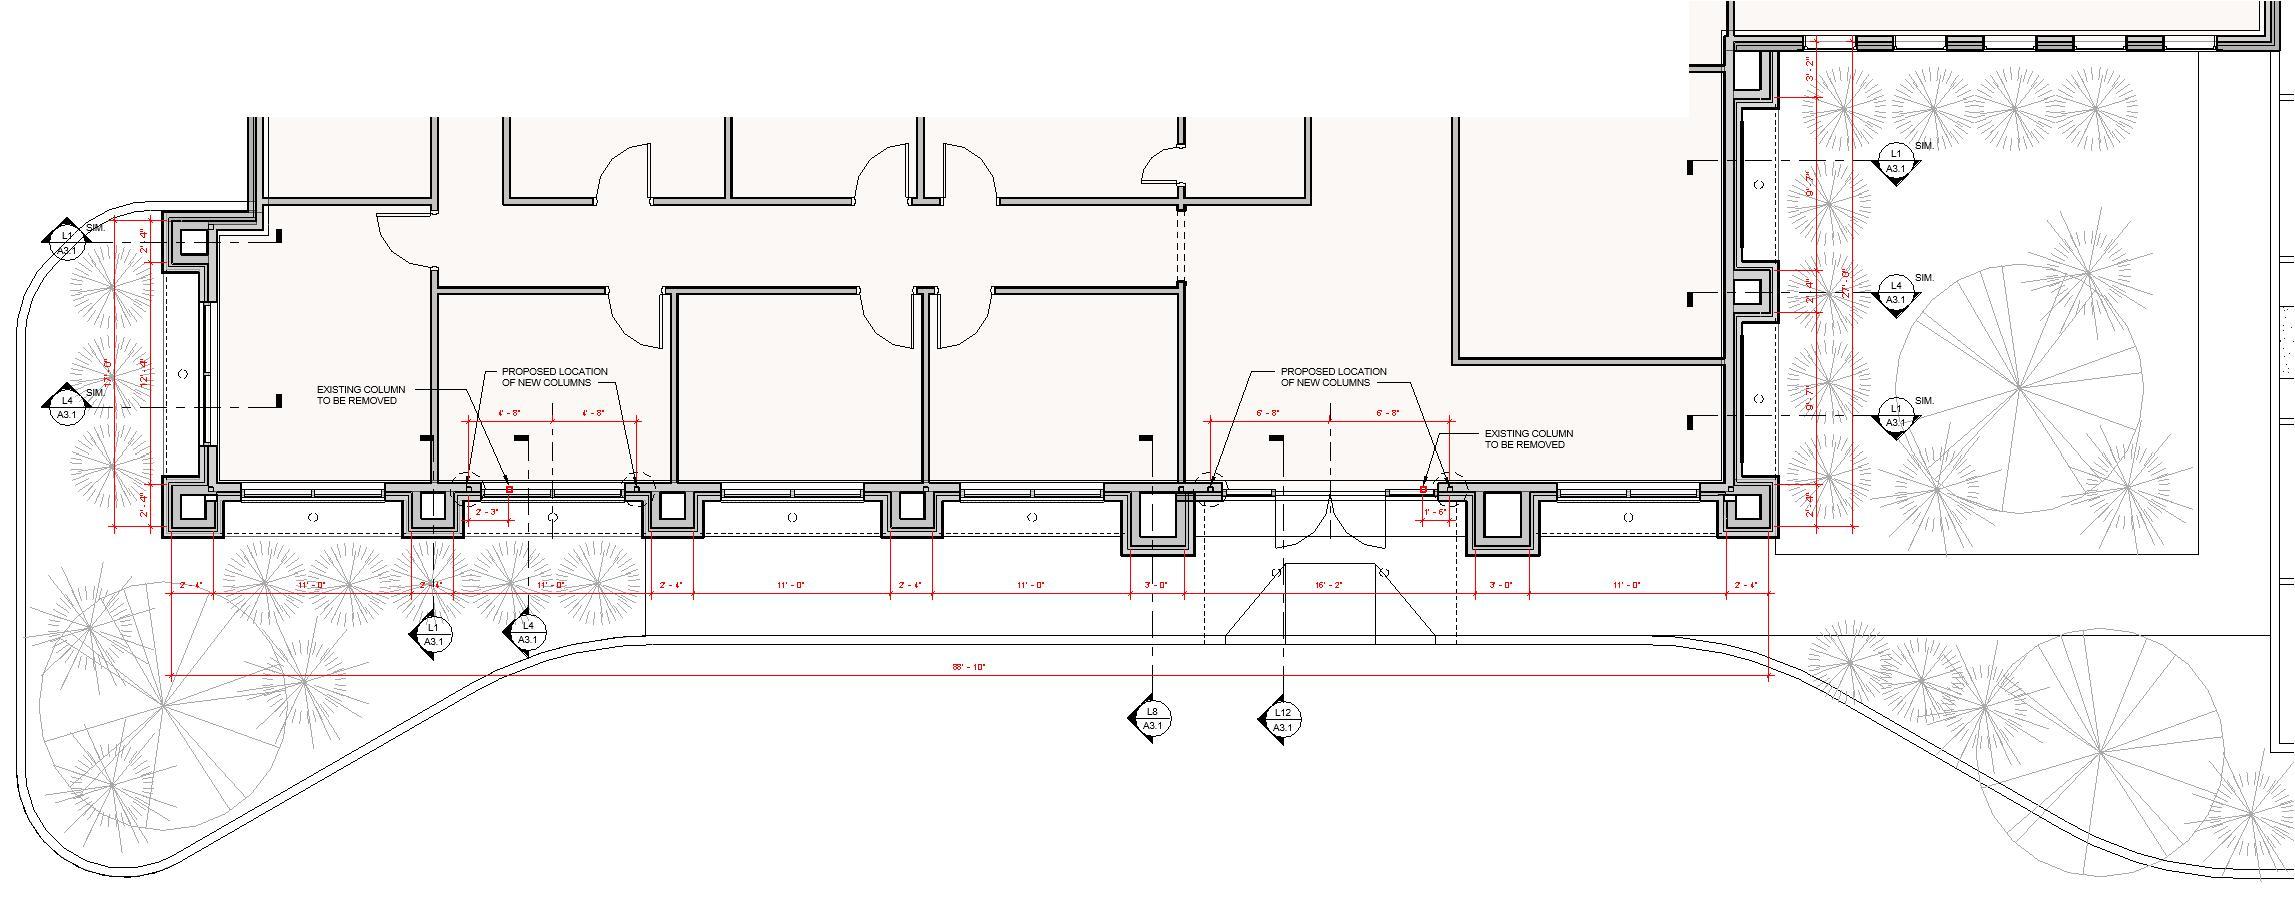 2013 - Floor Plan - Level 1